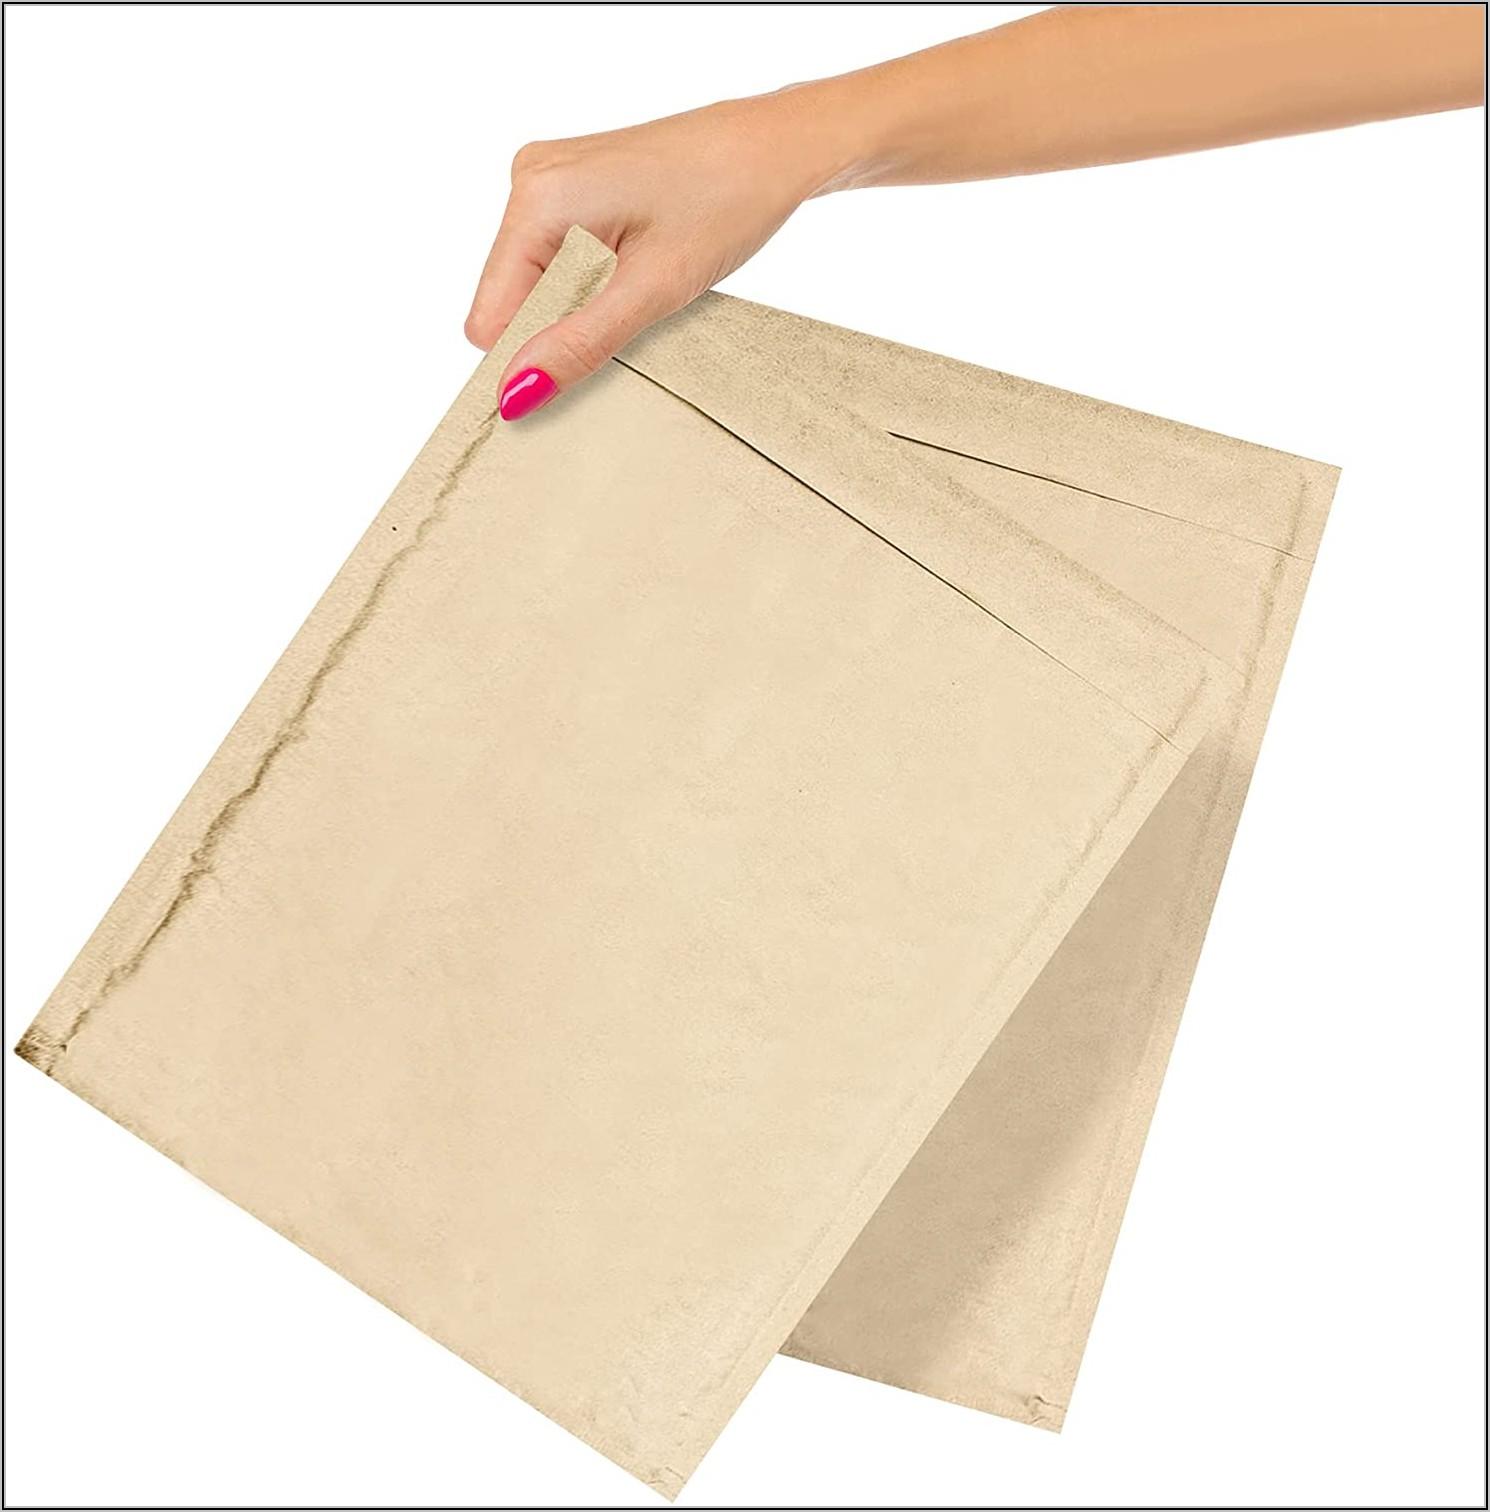 Make Money Packing Envelopes